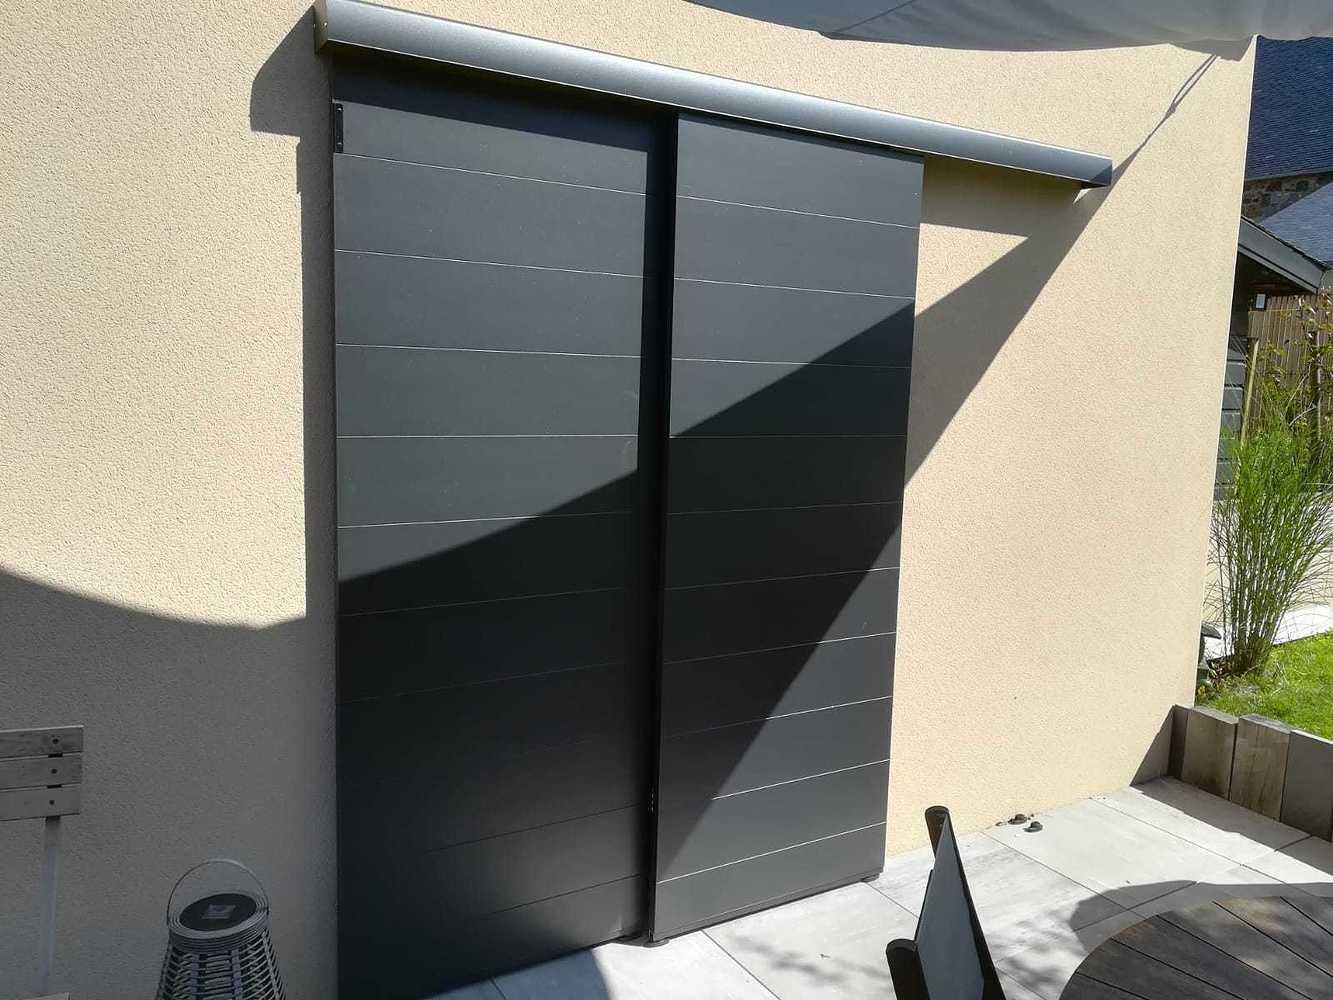 Installation d''une porte-fenêtre avec volet coulissant - Ille-et-Vilaine (35) whatsappimage2020-07-08at01.34.33